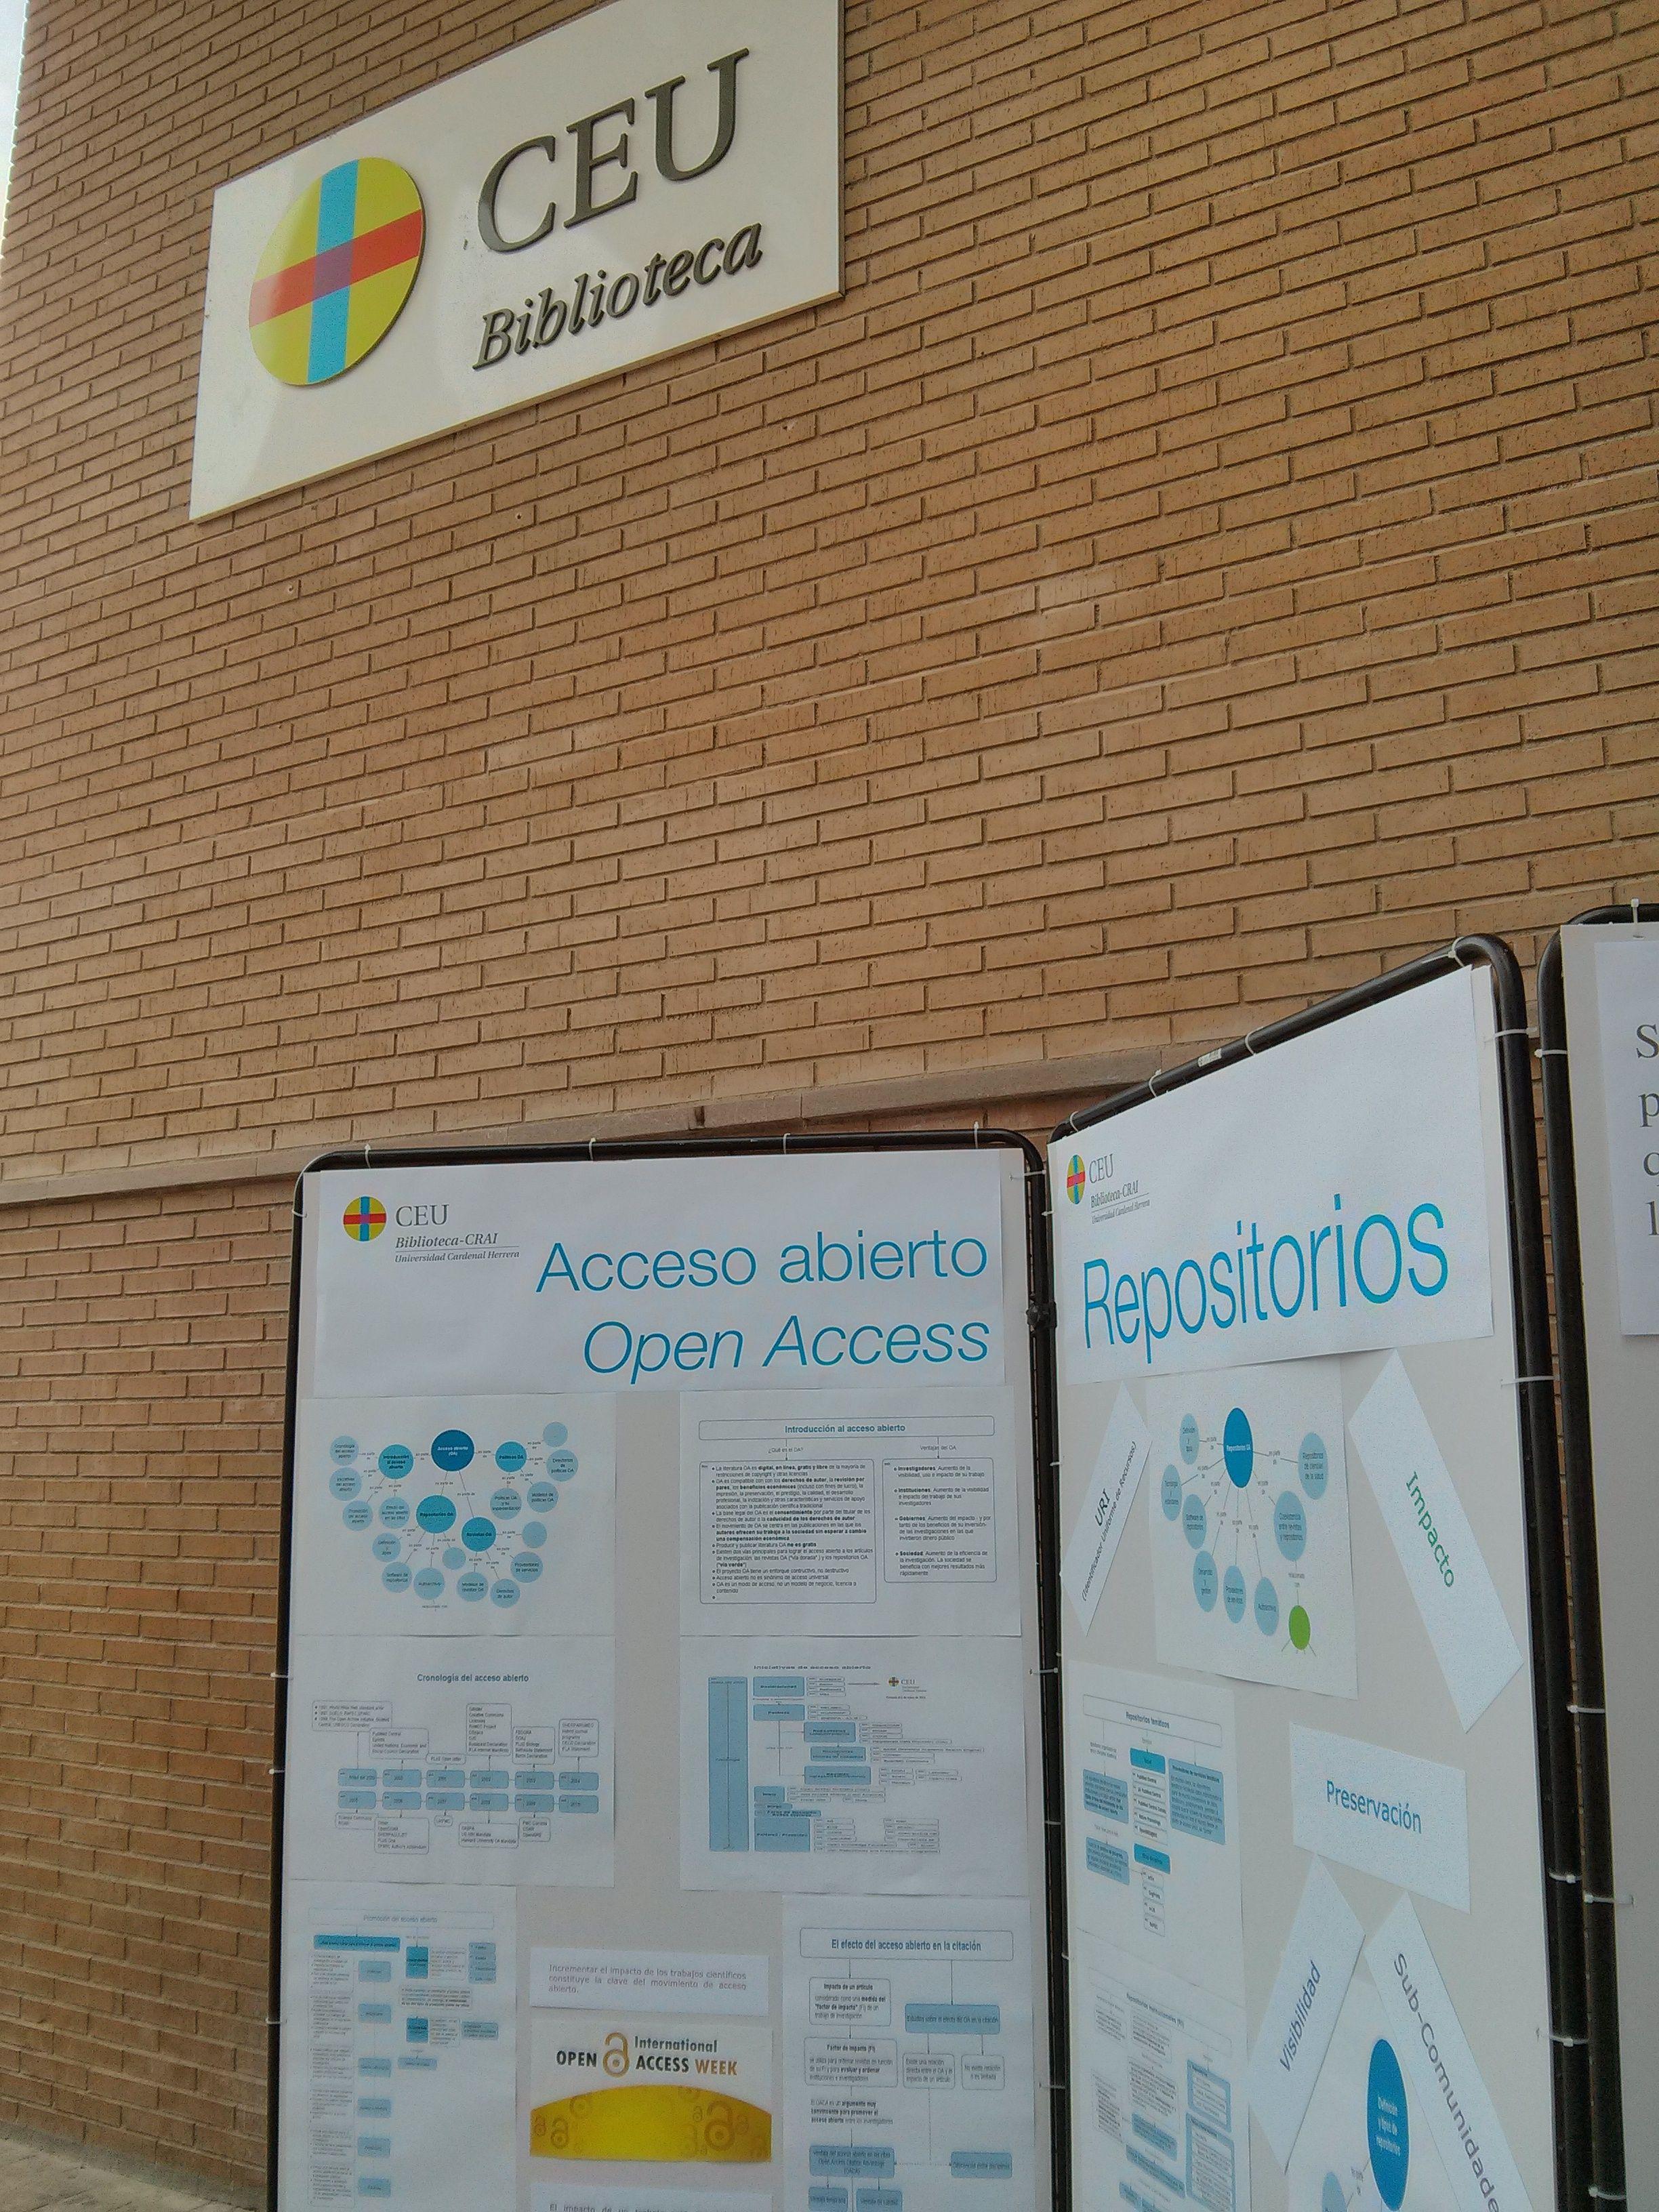 Visita nuestro panel sobre Acceso Abierto